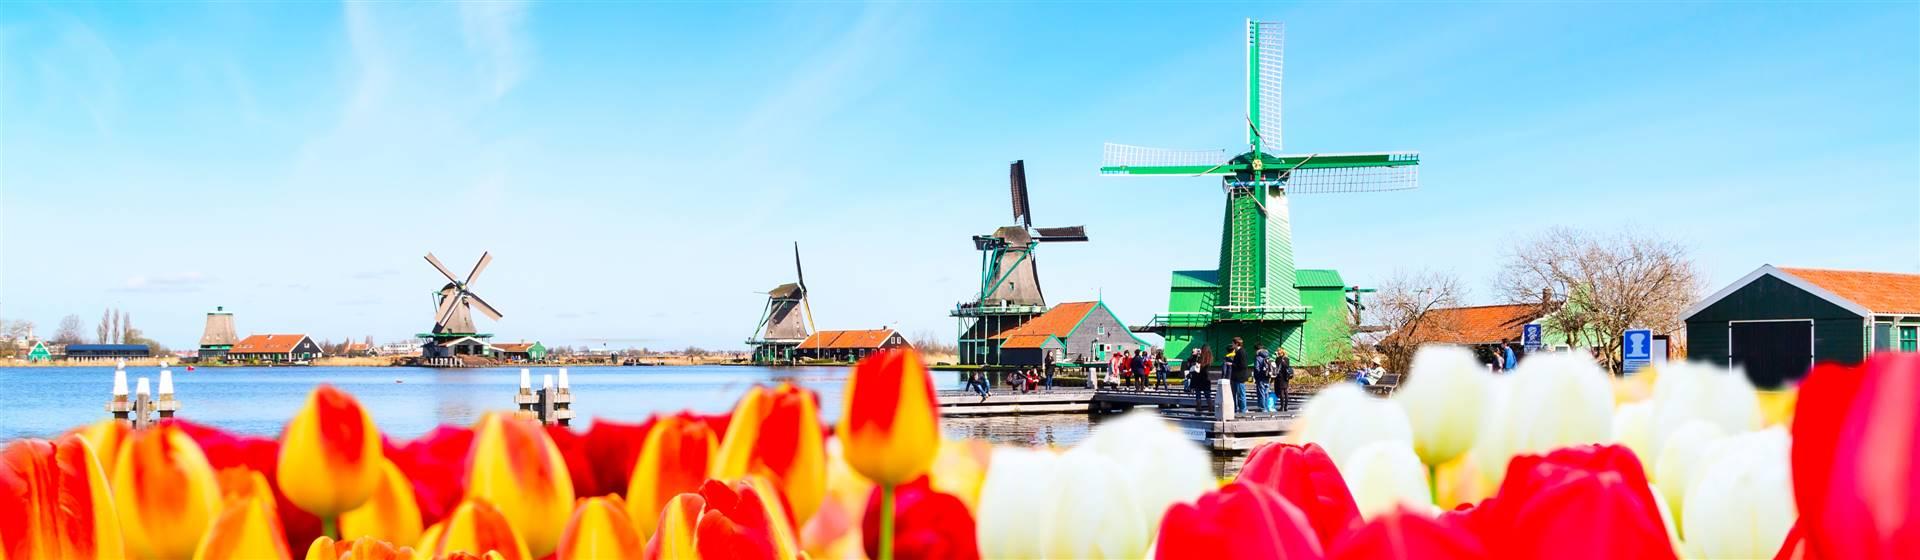 """<img src=""""netherlands-shutterstock.jpeg"""" alt=""""Netherlands""""/>"""